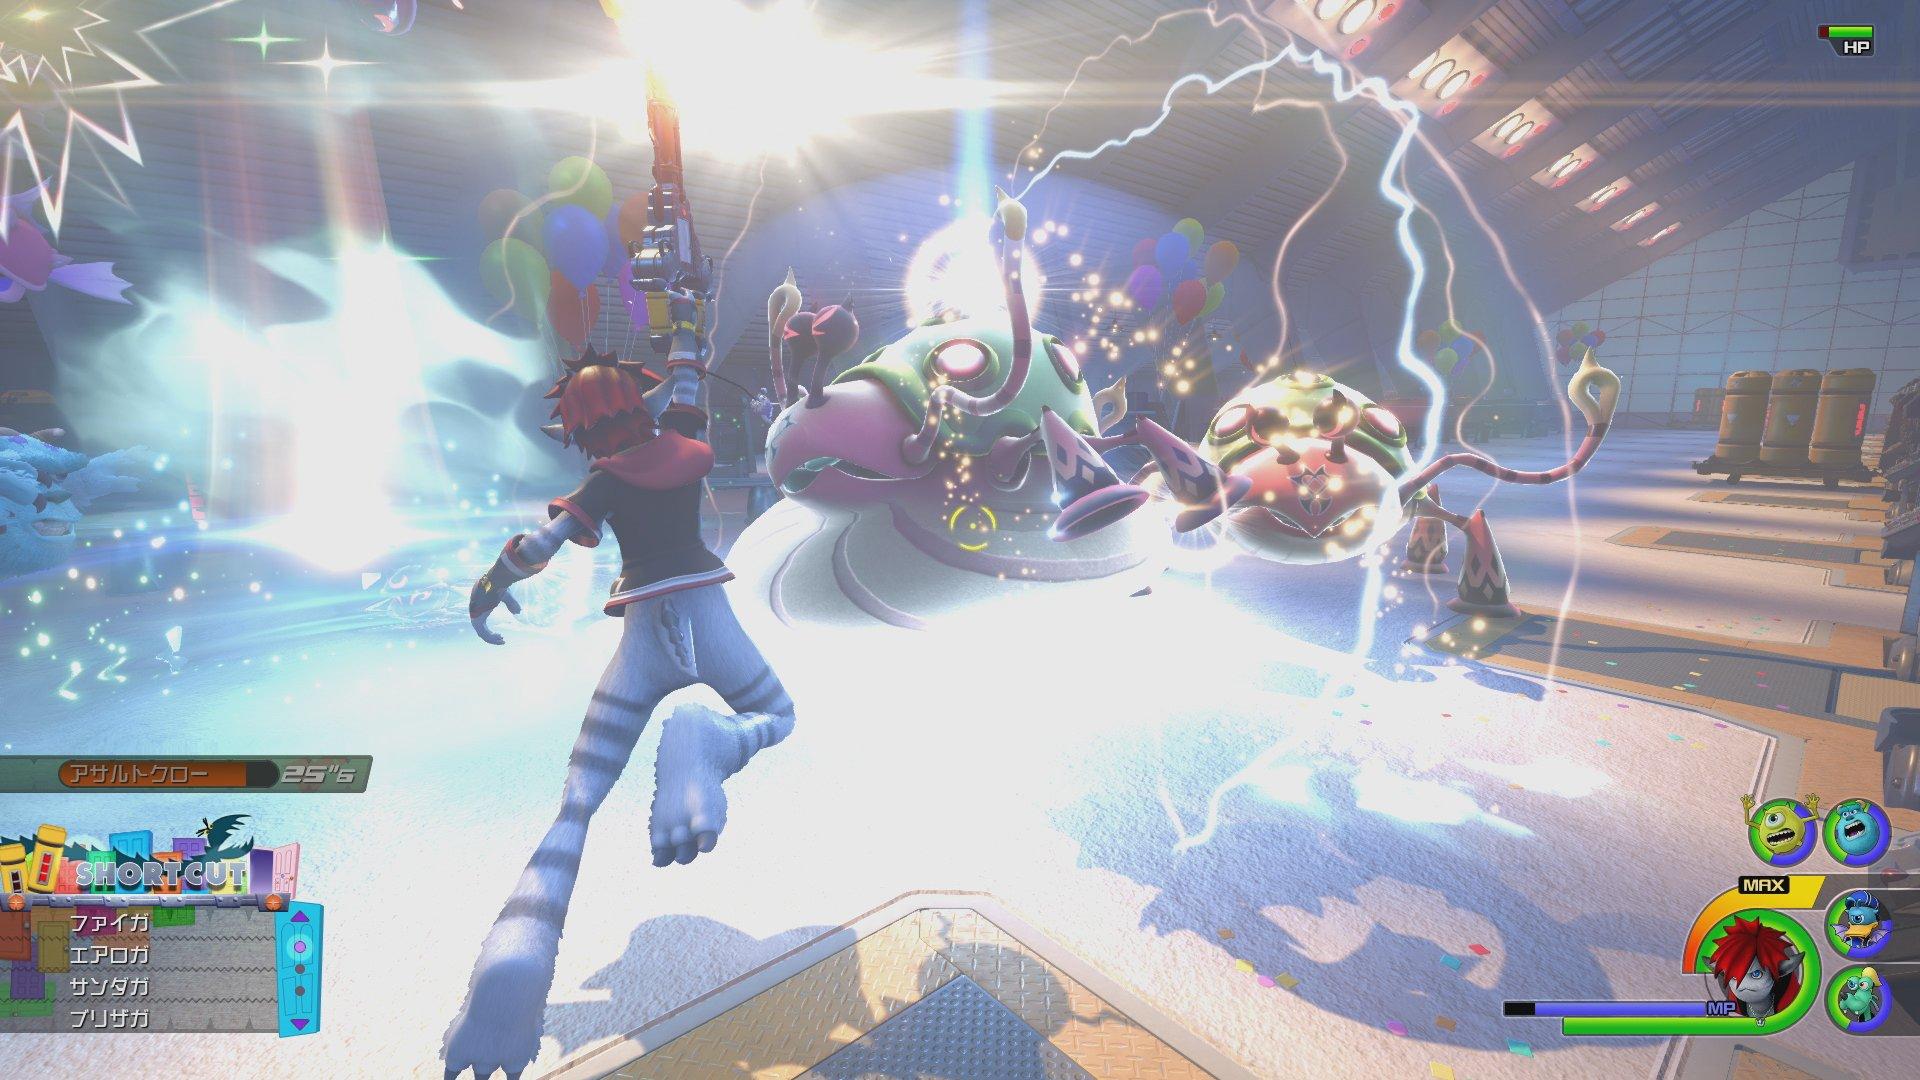 Kingdom Hearts 3 Disney E Square Enix Aprono Le Porte Del Regno Magico Ps4 Kingdoms Heart 15 25 Remix Region Alla Fine Della Sua Breve Operazione Edilizia Ralph Far Esplodere La Costruzione Danneggiando Chiunque Si Trovi Nei Paraggi